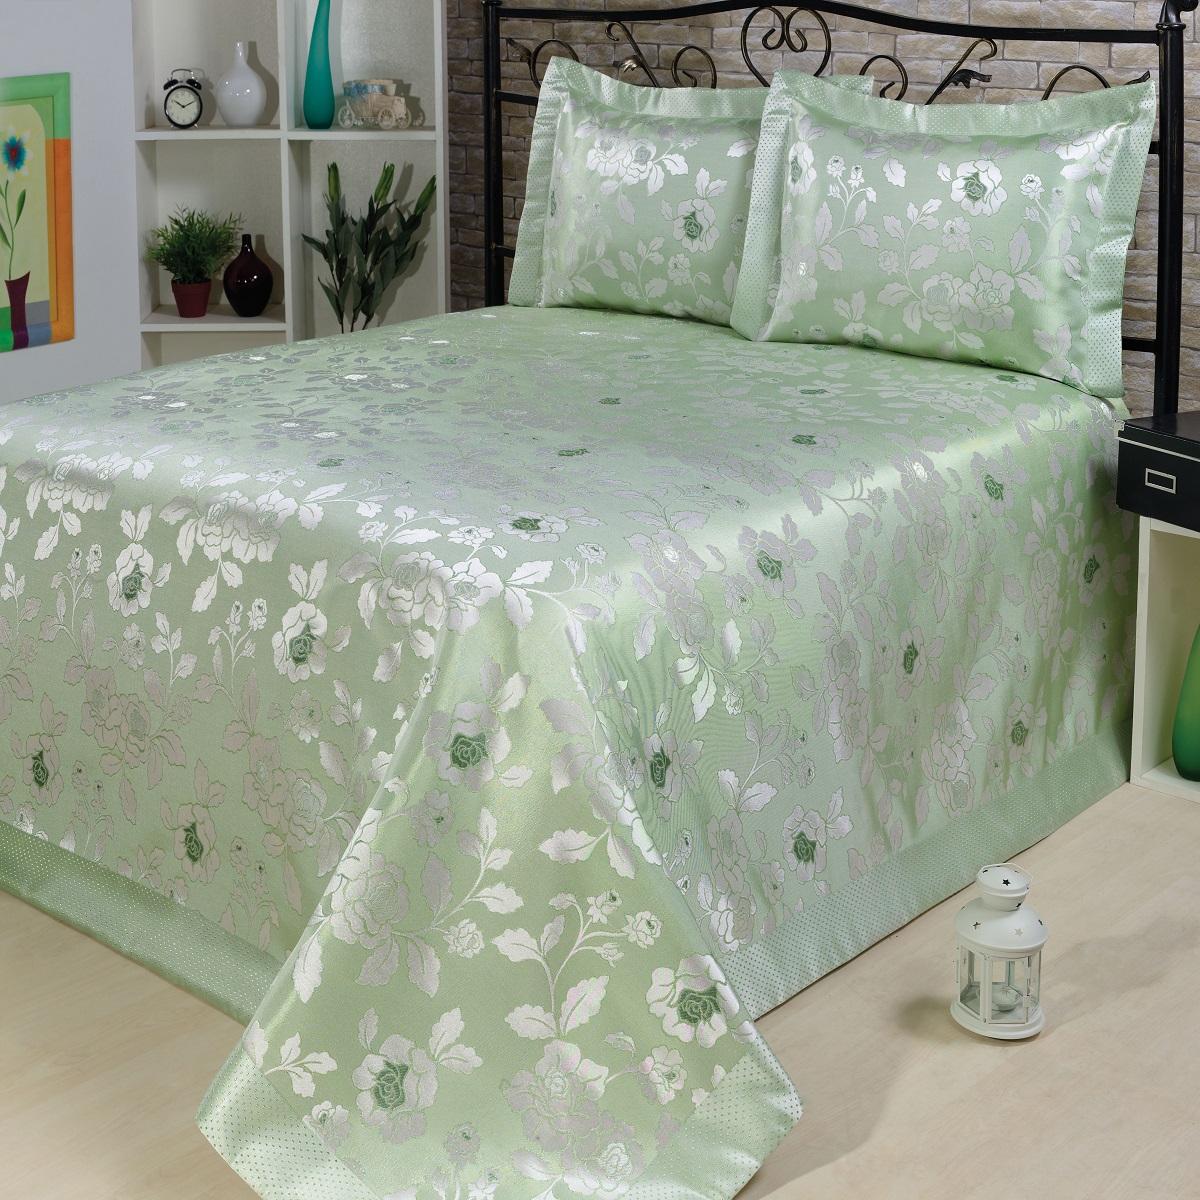 Комплект для спальни Nazsu Gul: покрывало 240 х 260 см, 2 наволочки 50 х 70 см, цвет: светло-зеленый, белый811/3/CHAR011Изысканный комплект для спальни Nazsu Gul состоит из покрывала и двух наволочек. Изделия выполнены из высококачественного полиэстера (50%) и хлопка (50%), легкие, прочные и износостойкие. Ткань блестящая, что придает ей больше роскоши. Комплект Nazsu - это отличный способ придать спальне уют и комфорт, а также позволит по-королевски украсить интерьер. Размер покрывала: 240 х 260 см. Размер наволочки: 50 х 70 см.